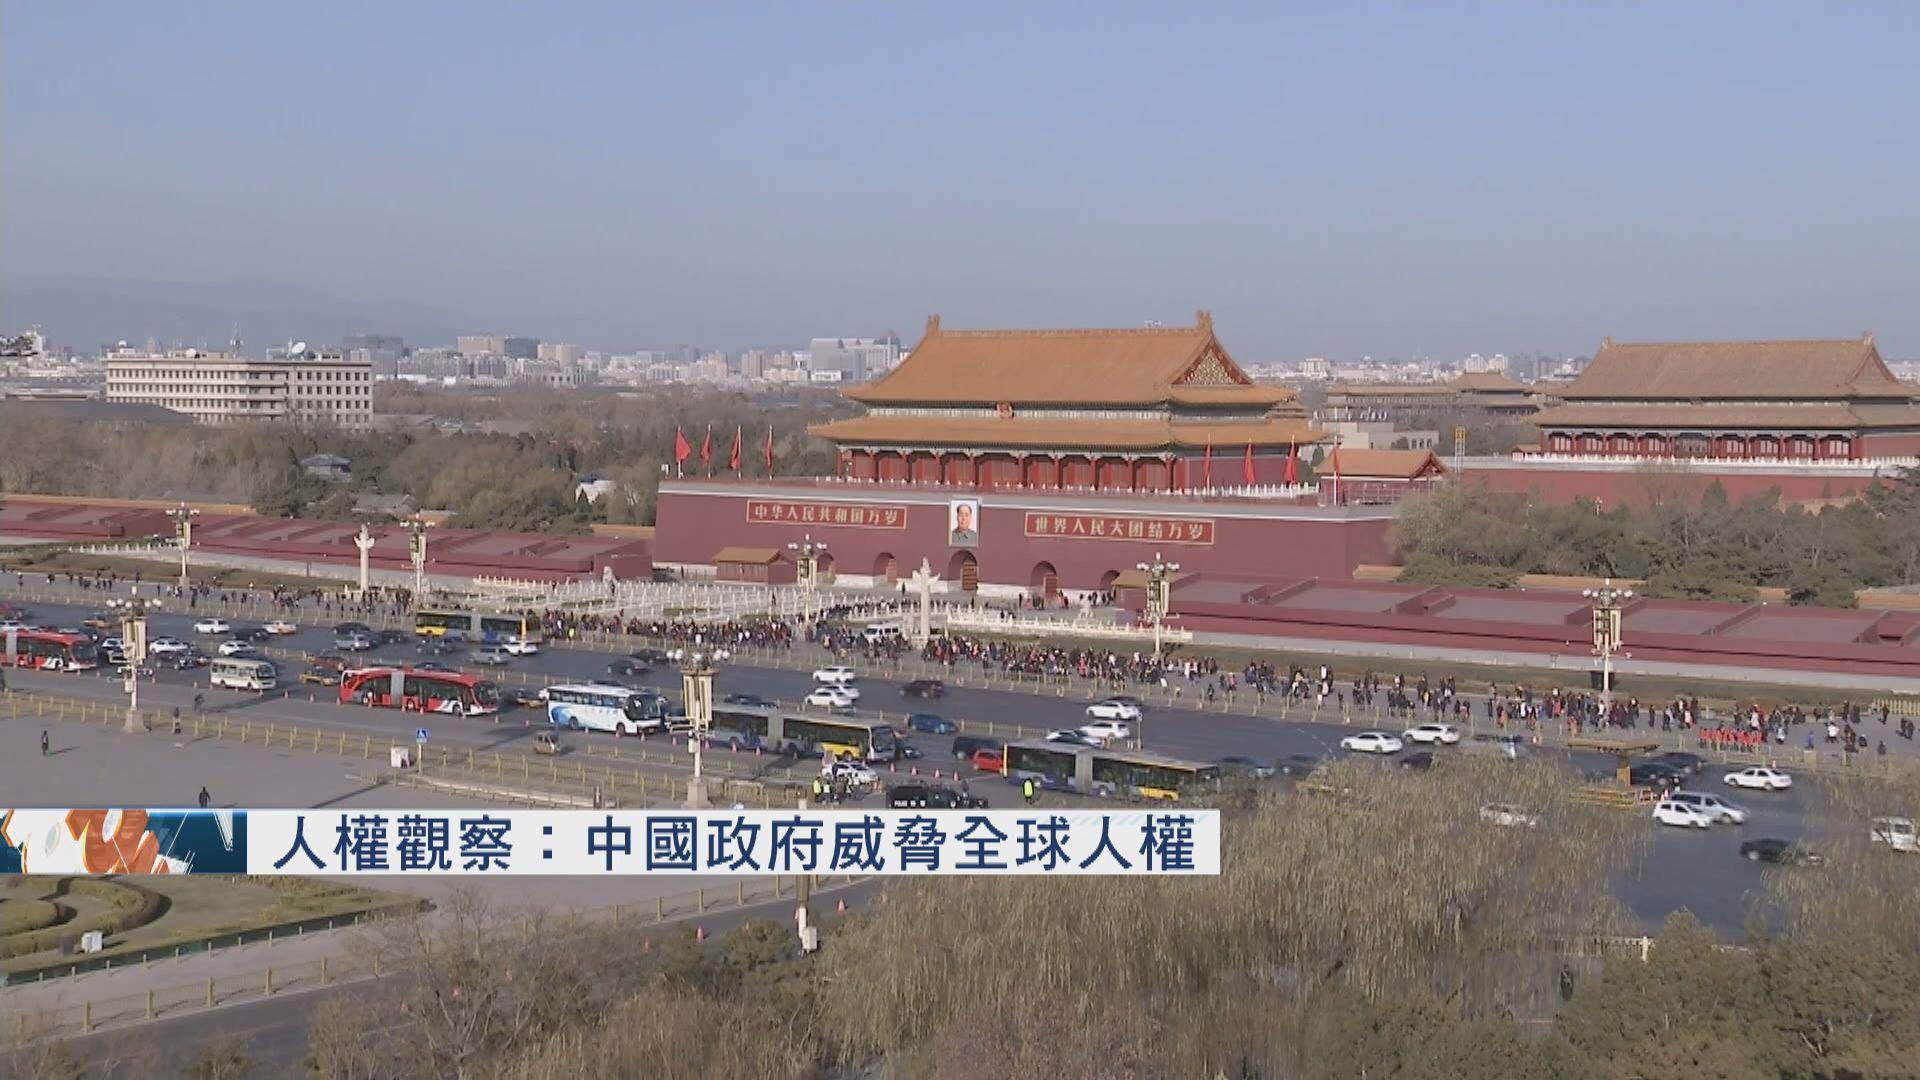 人權觀察:中國政府威脅全球人權